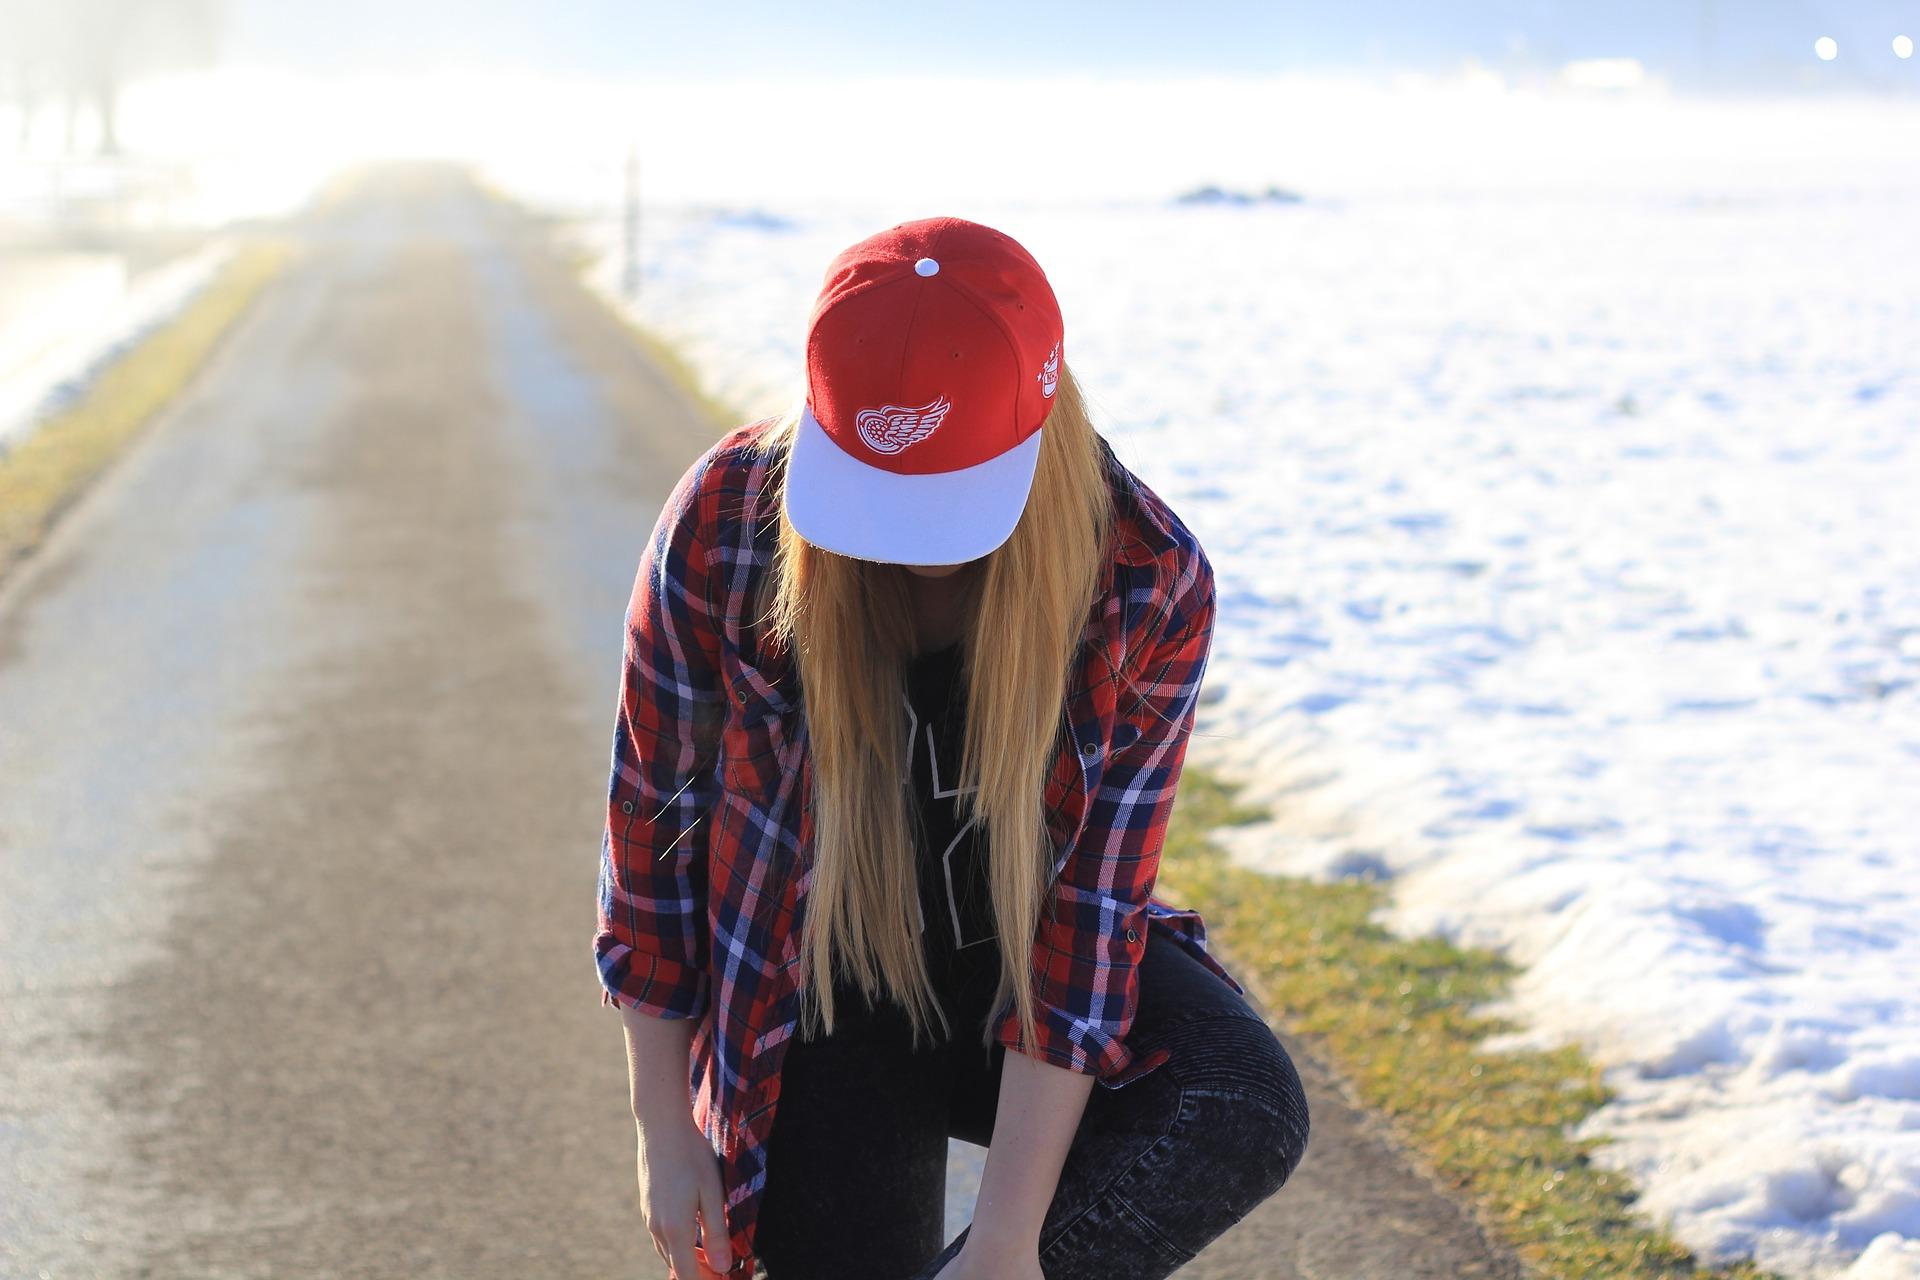 女性の赤いキャップ帽